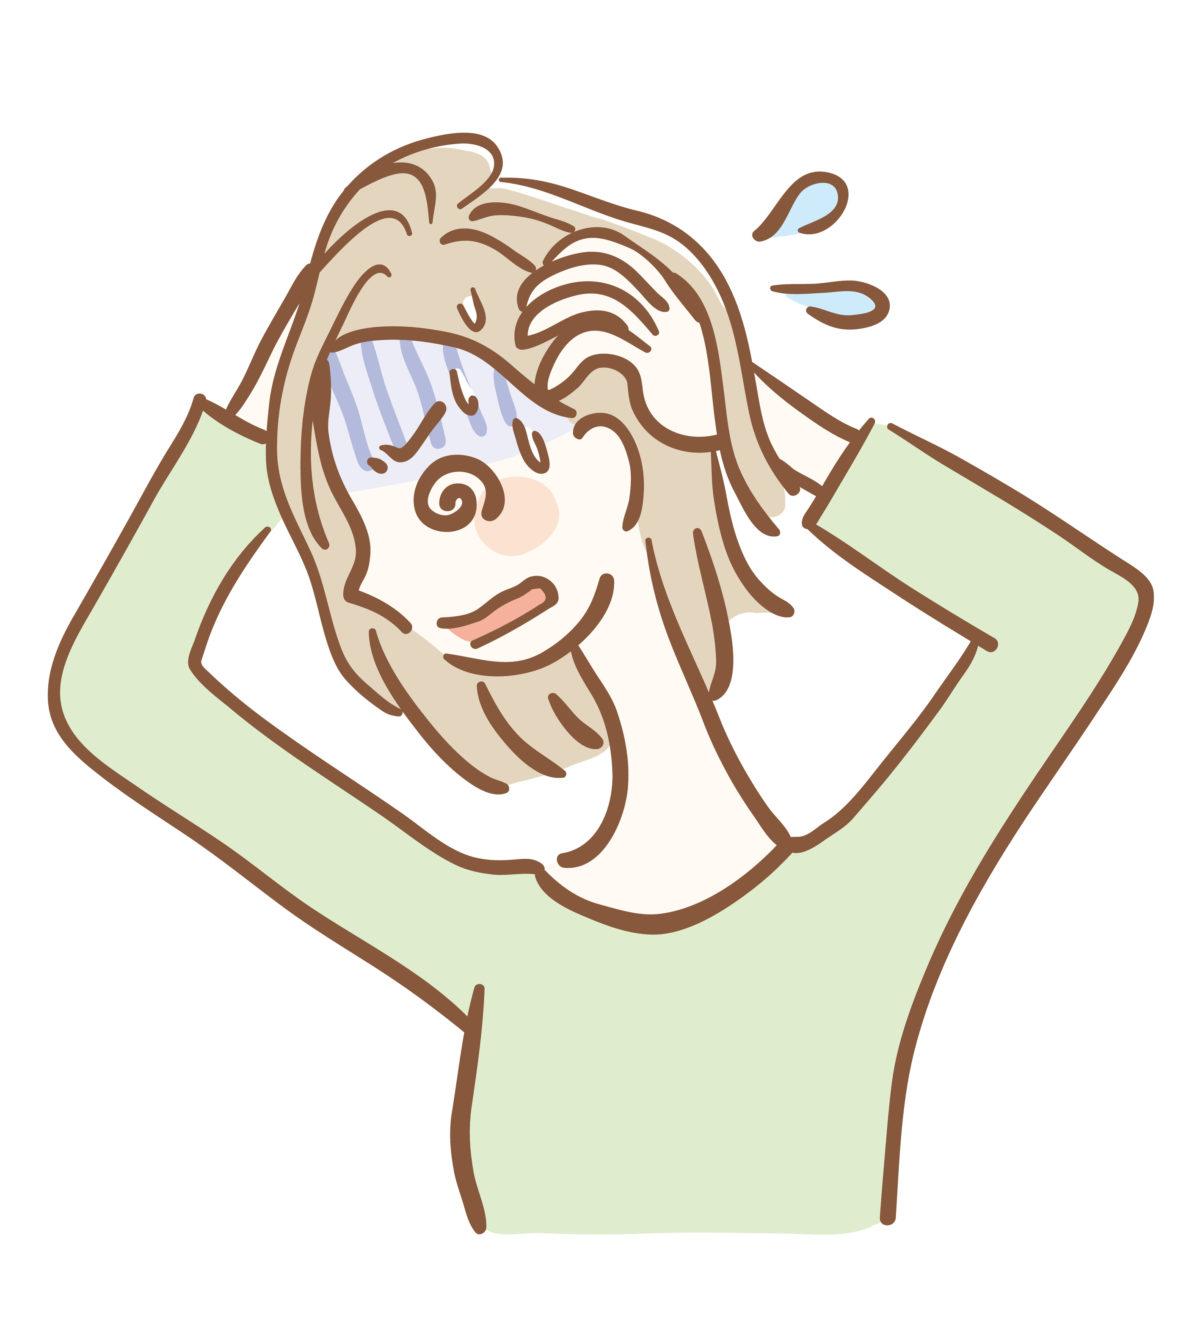 発達障がいの二次障がいによるパニック障がいの症状って?